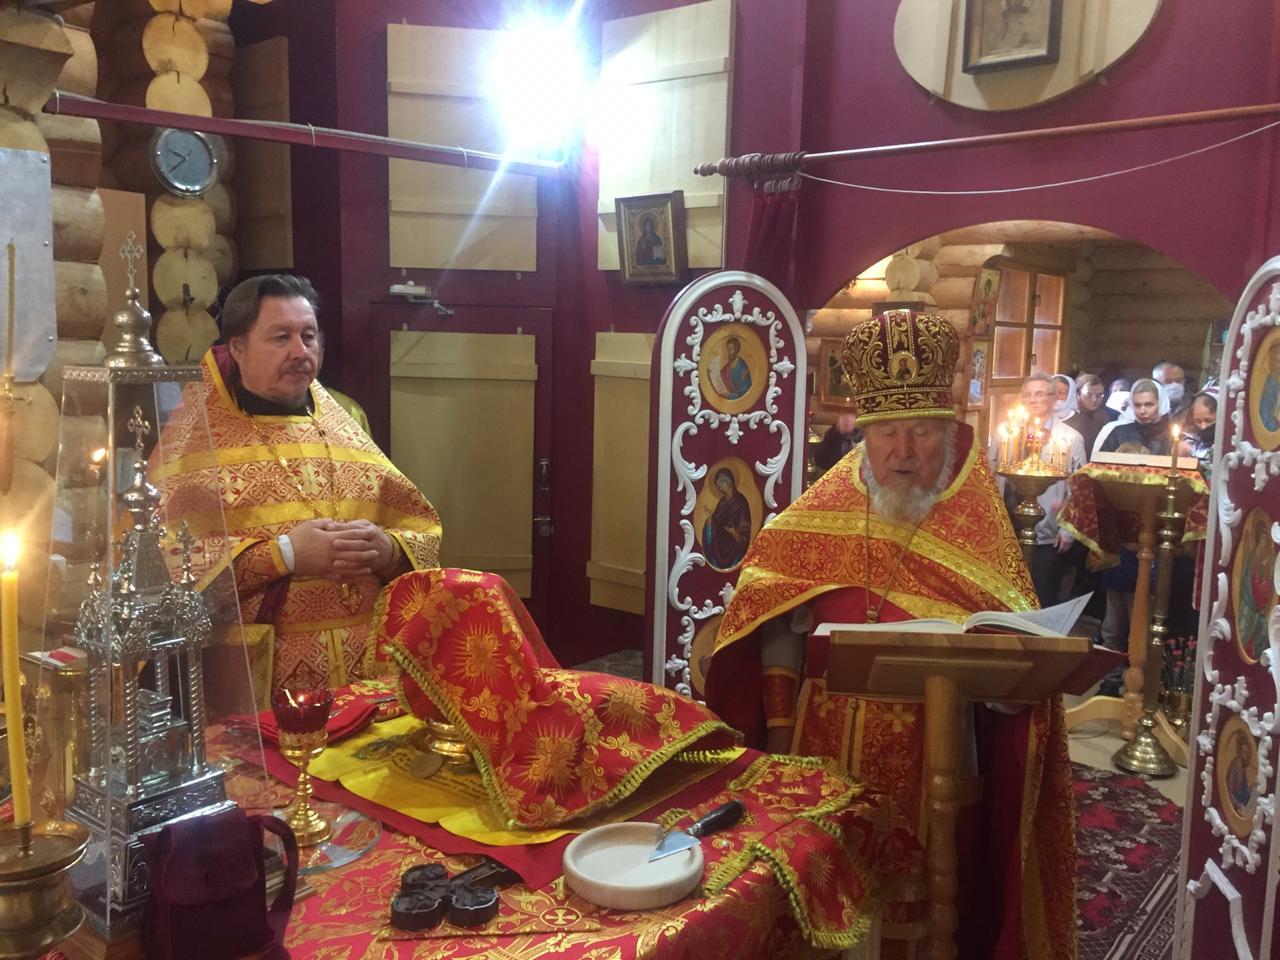 Фотографии с Престольного праздника